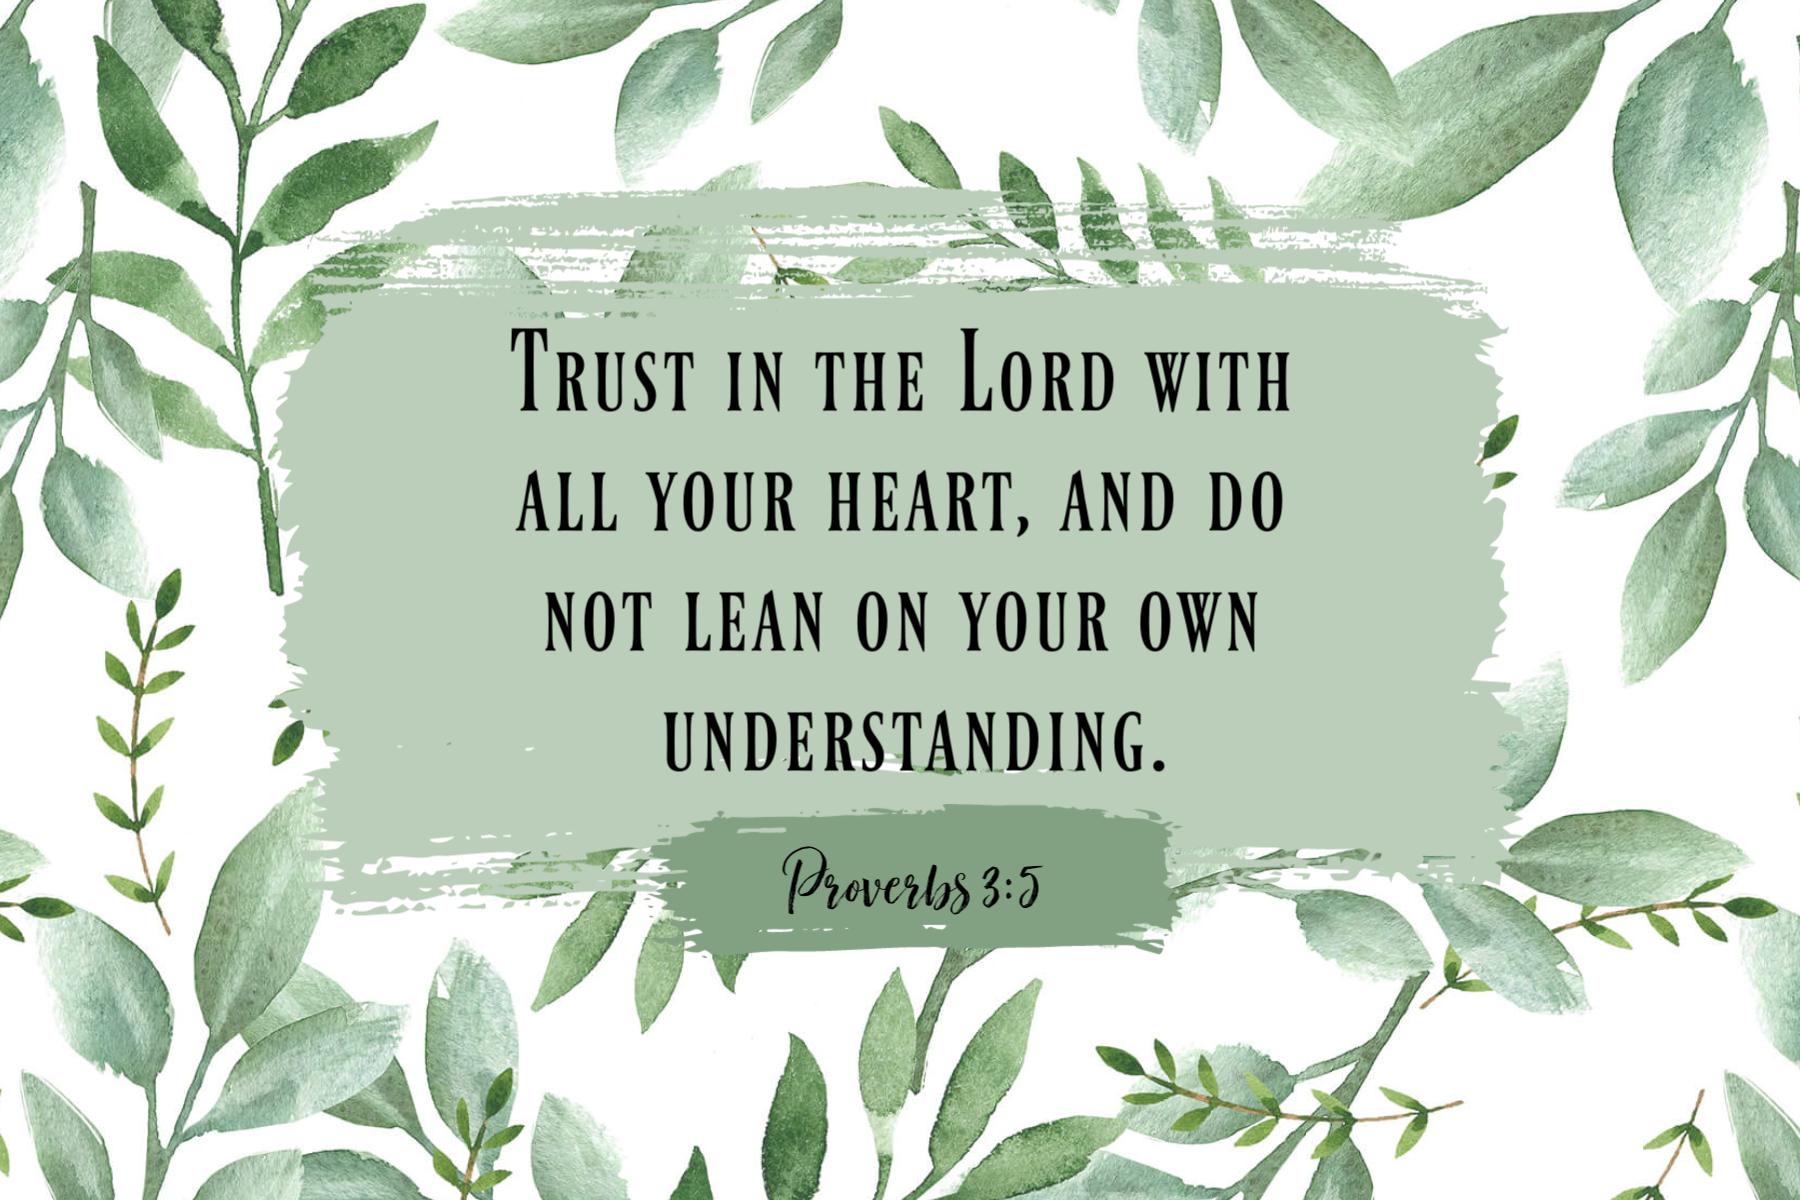 Tanrı'ya tüm yüreğinizle güvenin ve kendi anlayışınıza yaslanmayın.  Atasözleri 3: 5